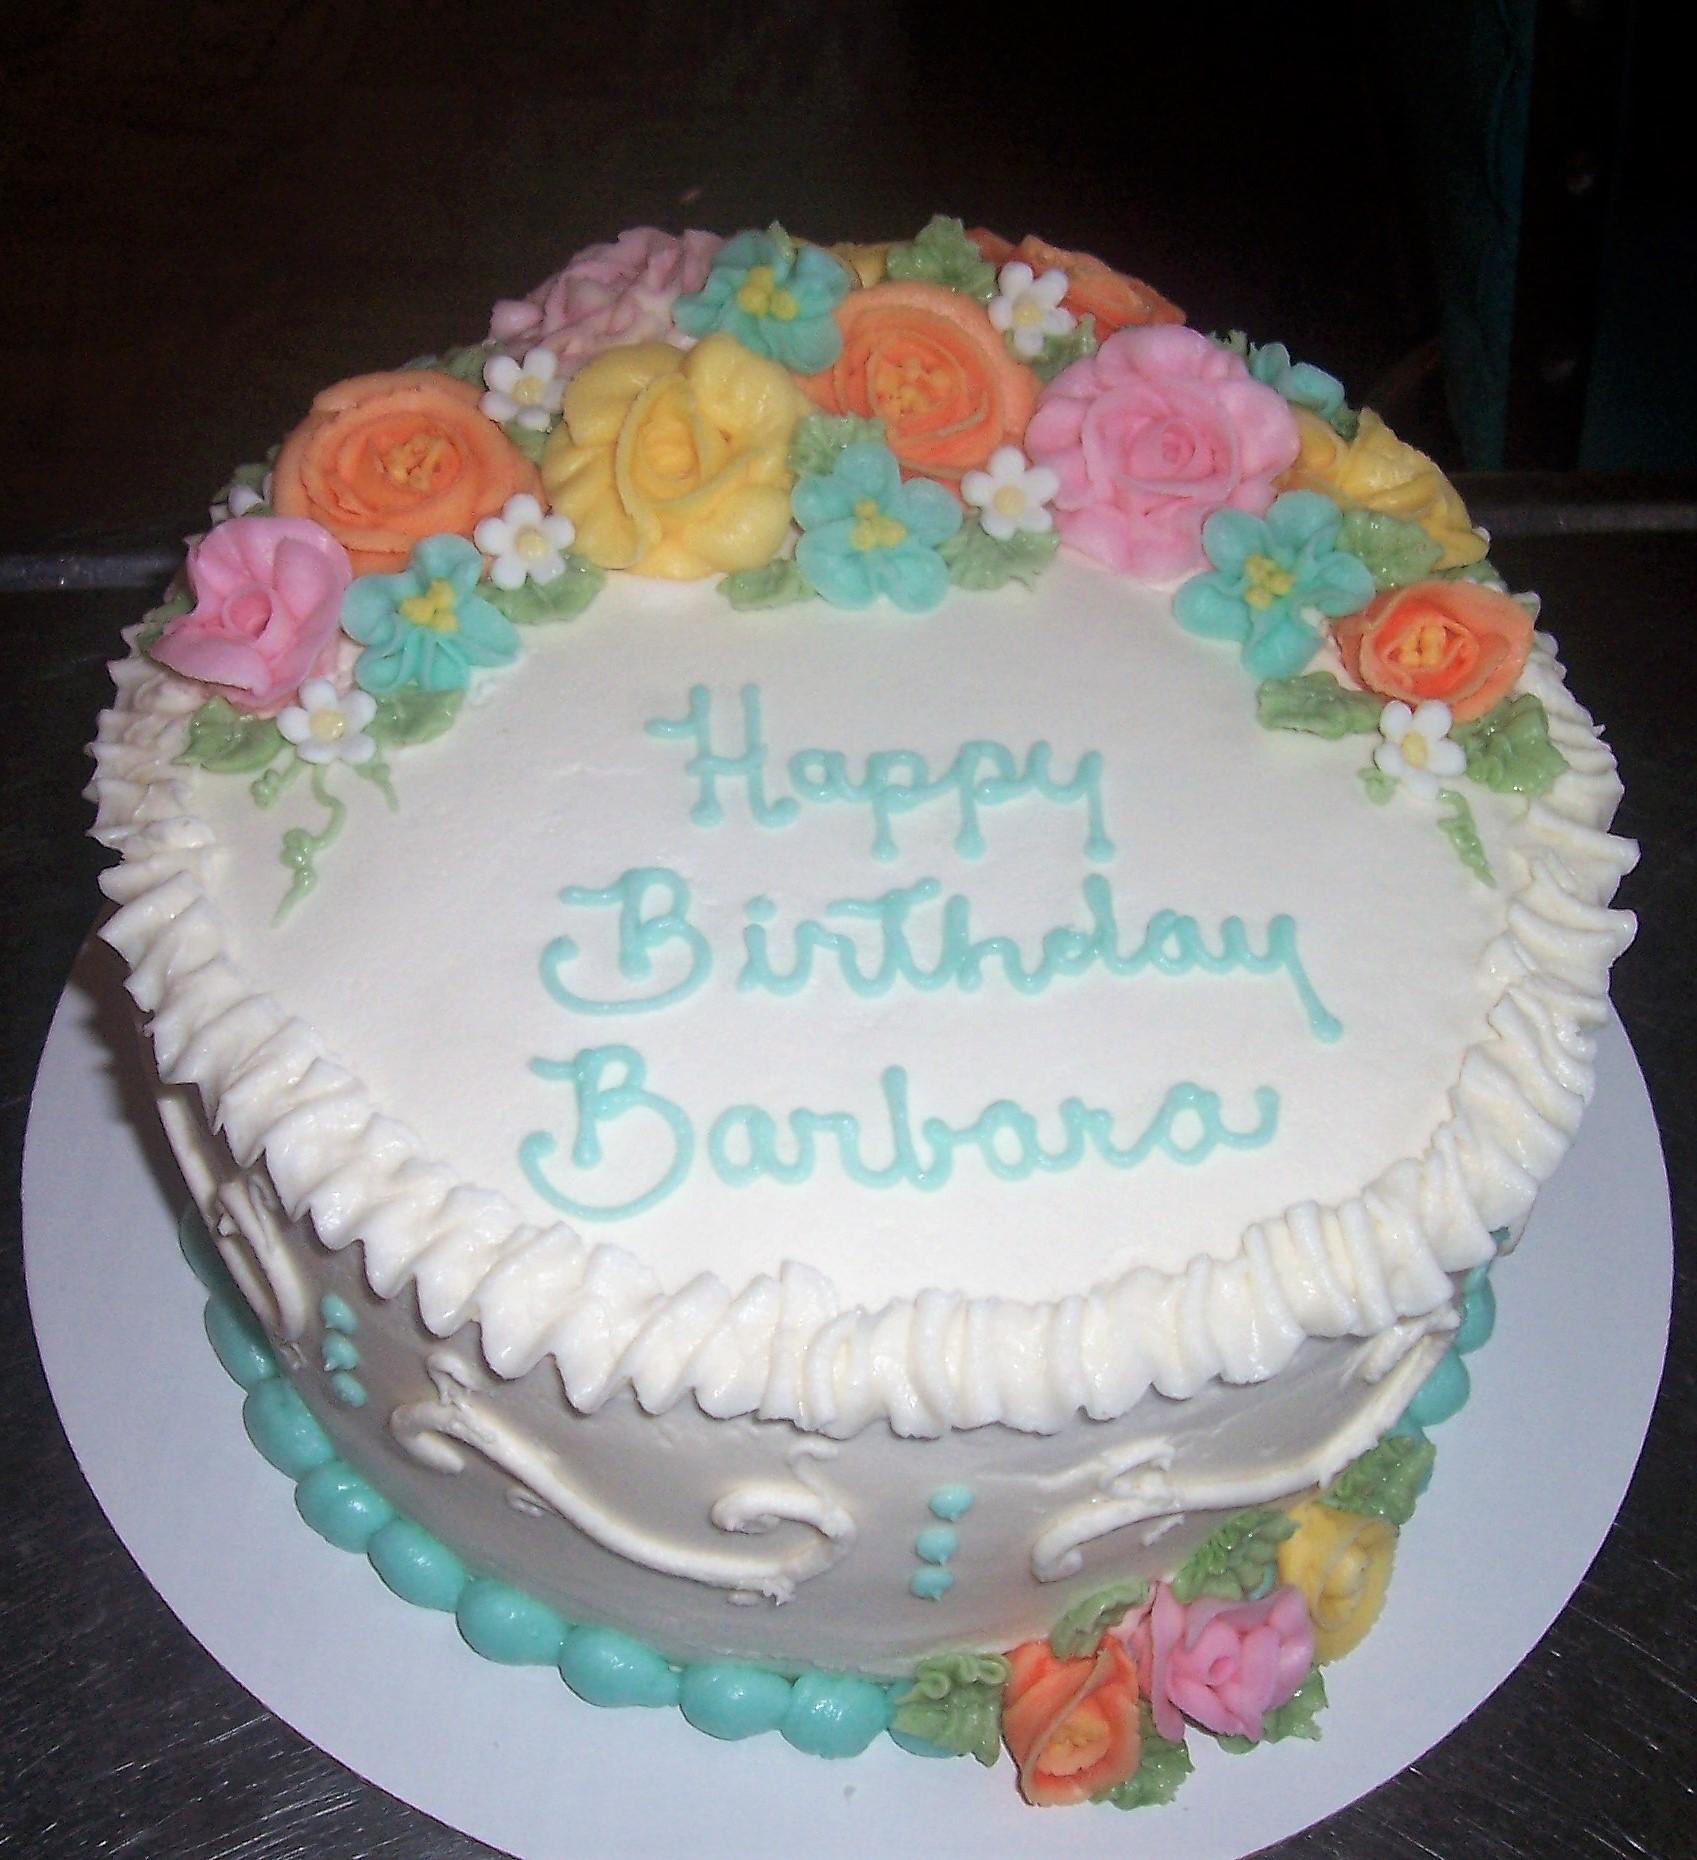 Birthday Barbara Cake Decorating Community Cakes We Bake